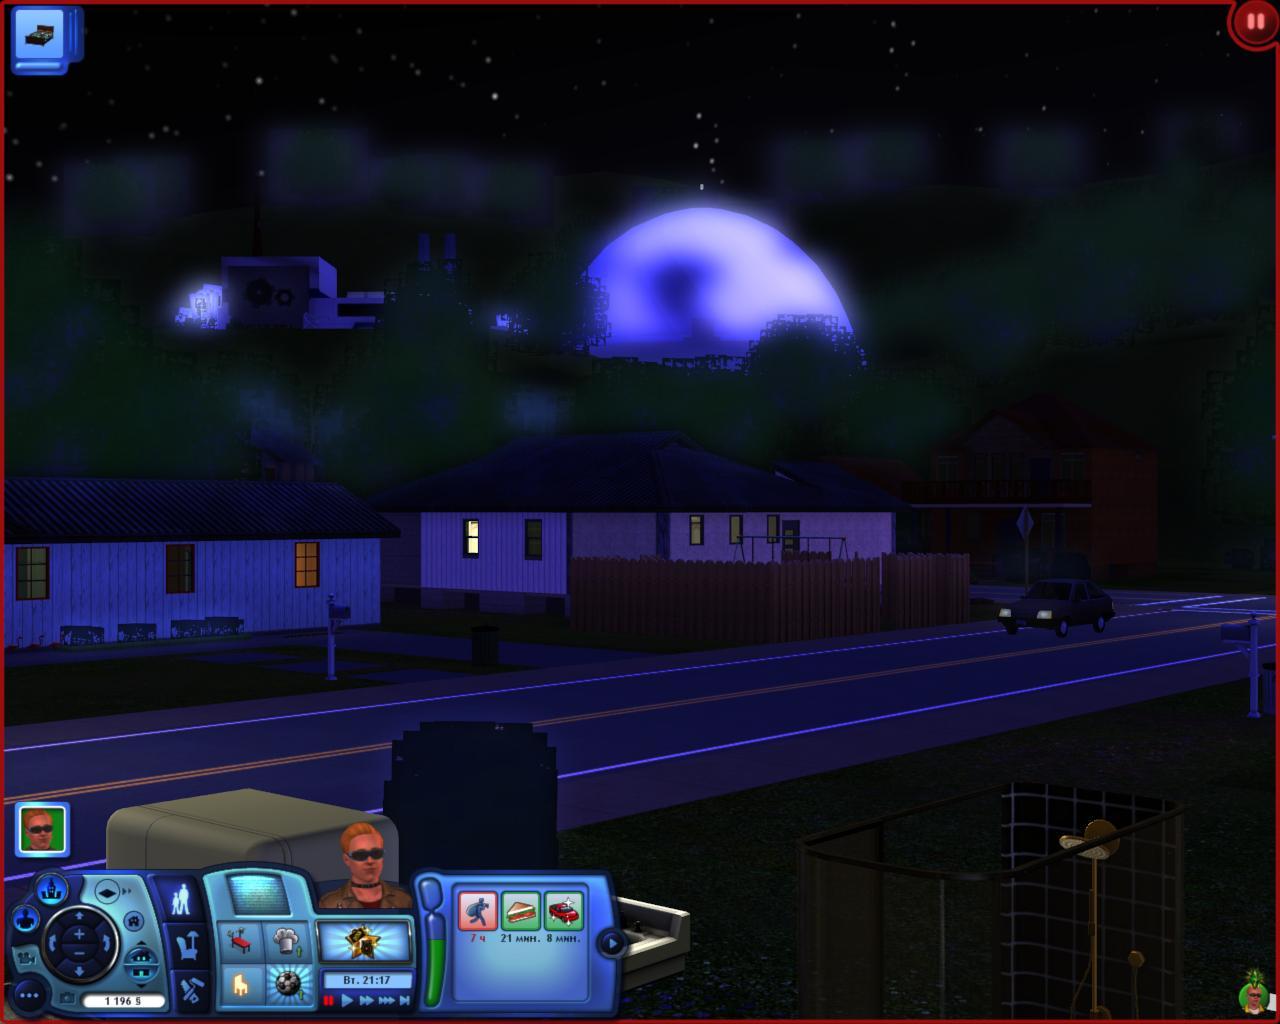 оригинальный файл shaders win32 precomp скачать